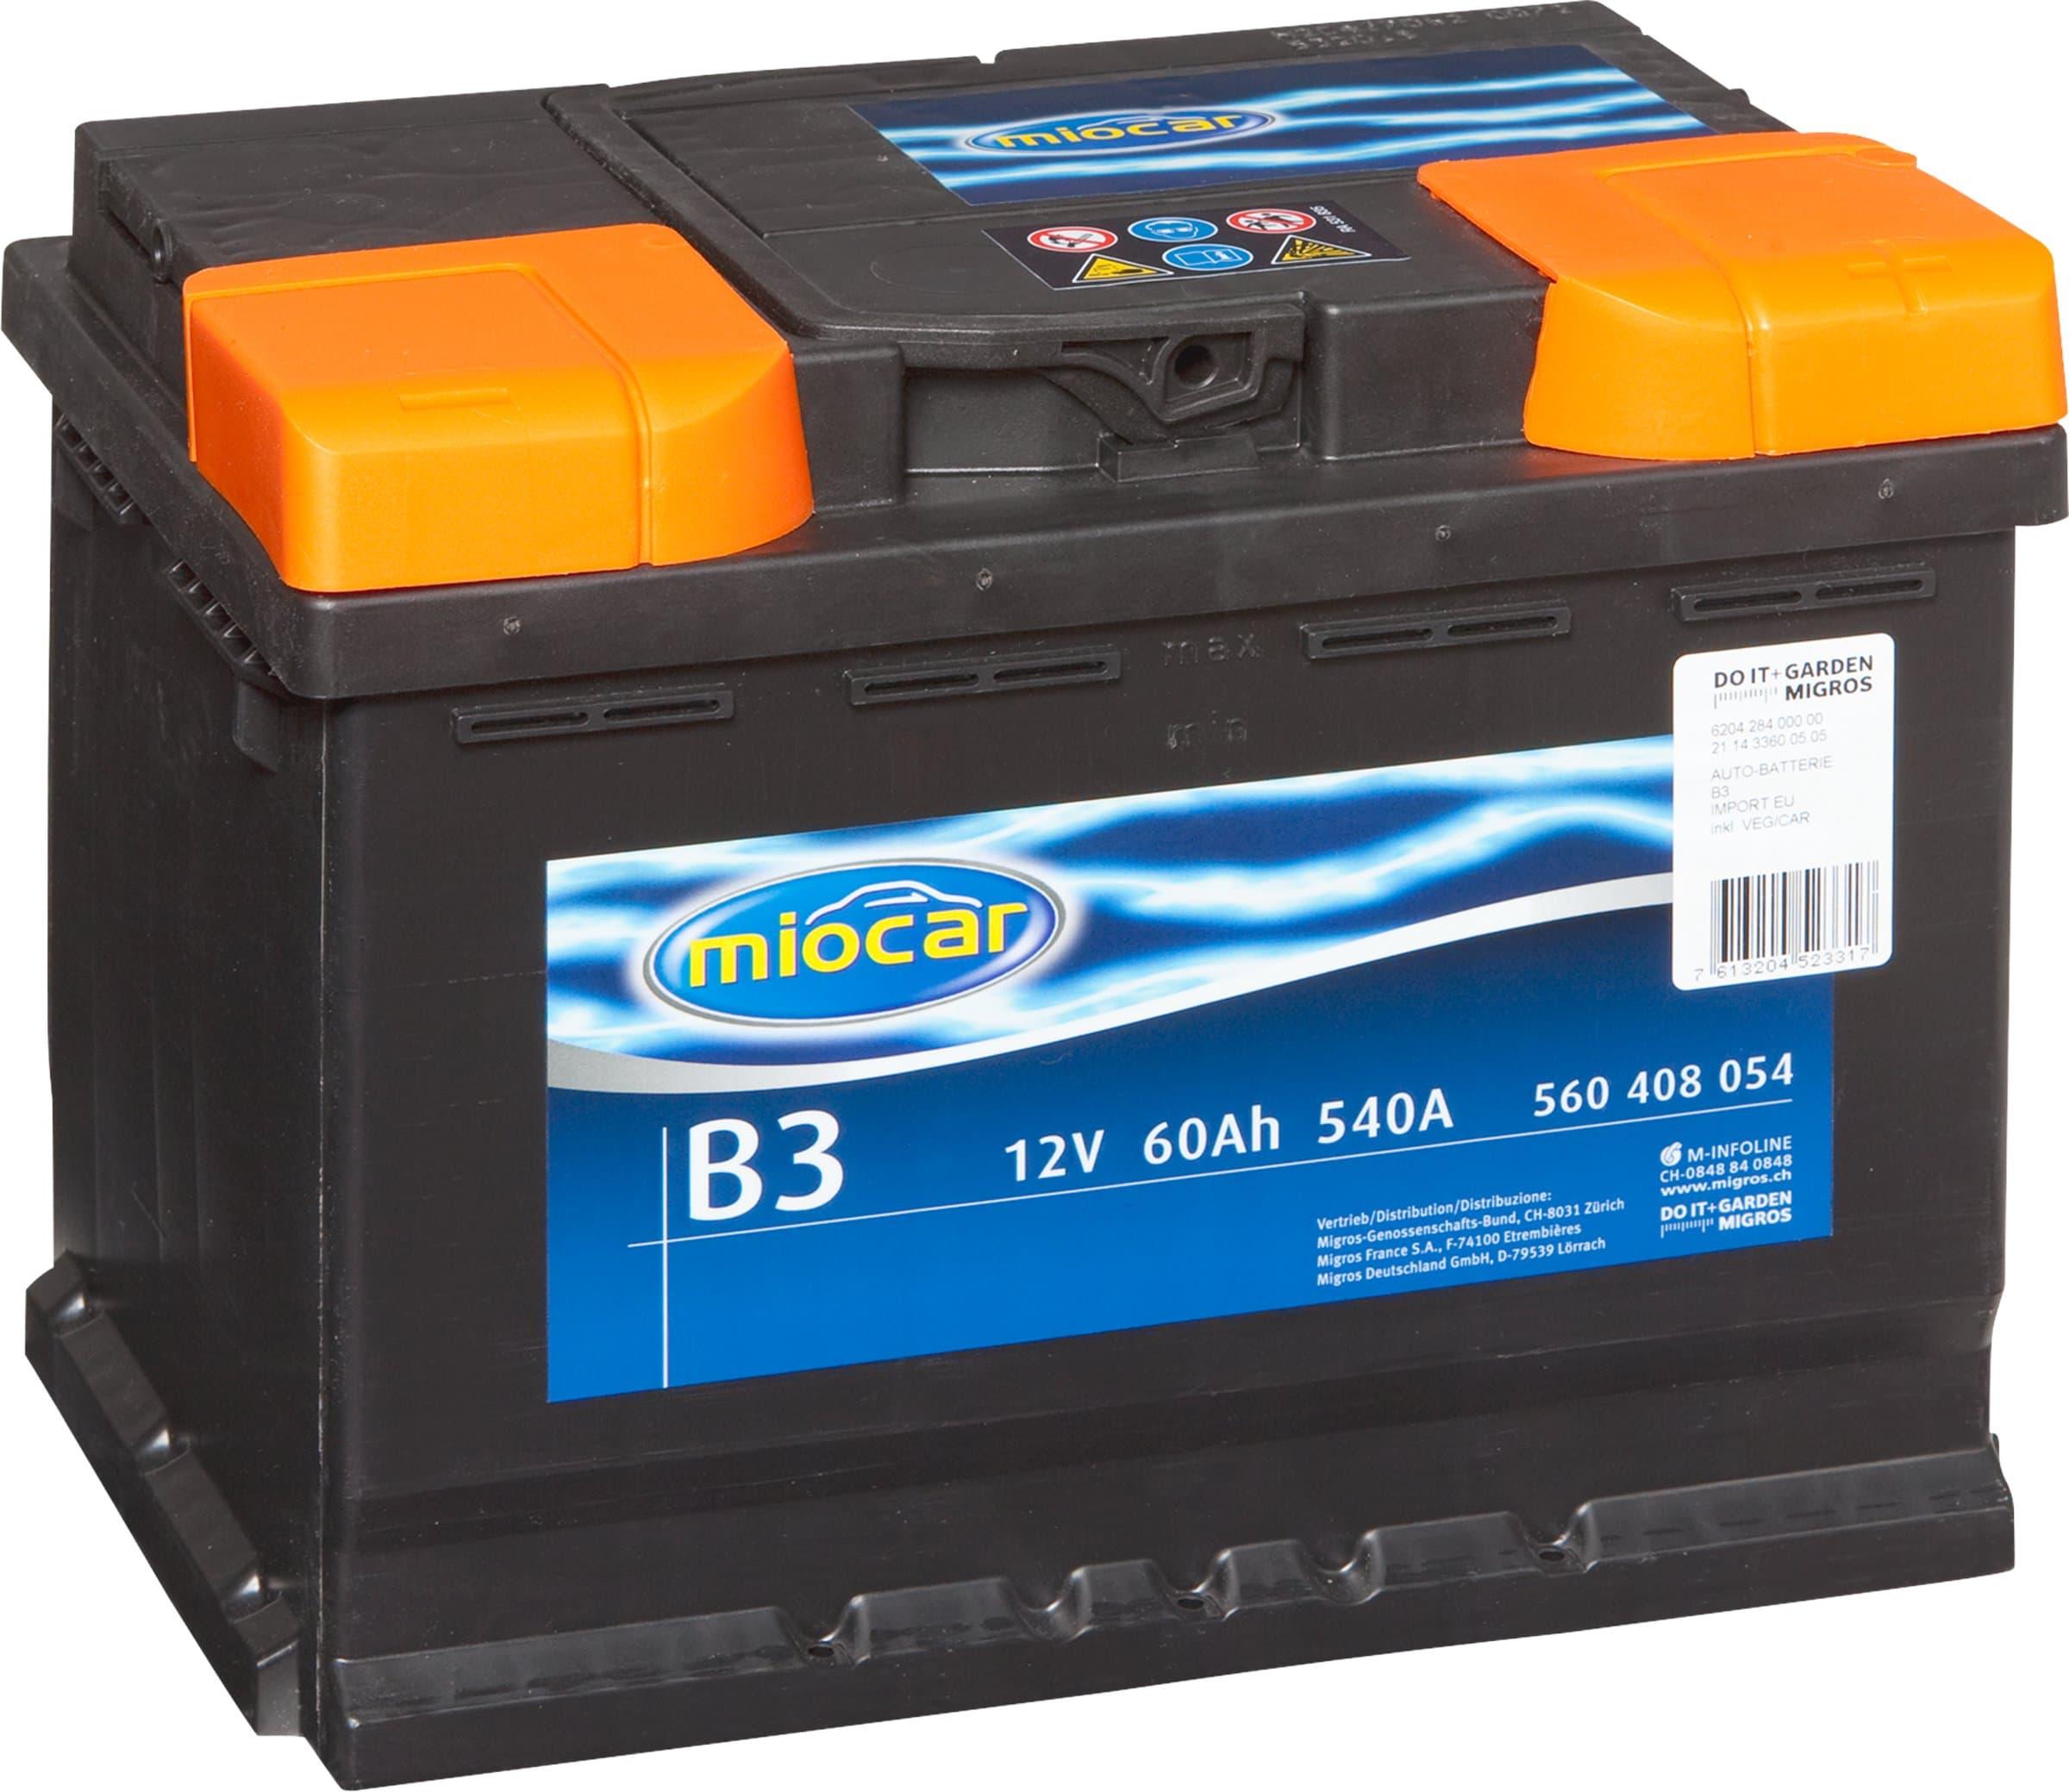 miocar autobatterie b3 12v 60ah 540a migros. Black Bedroom Furniture Sets. Home Design Ideas